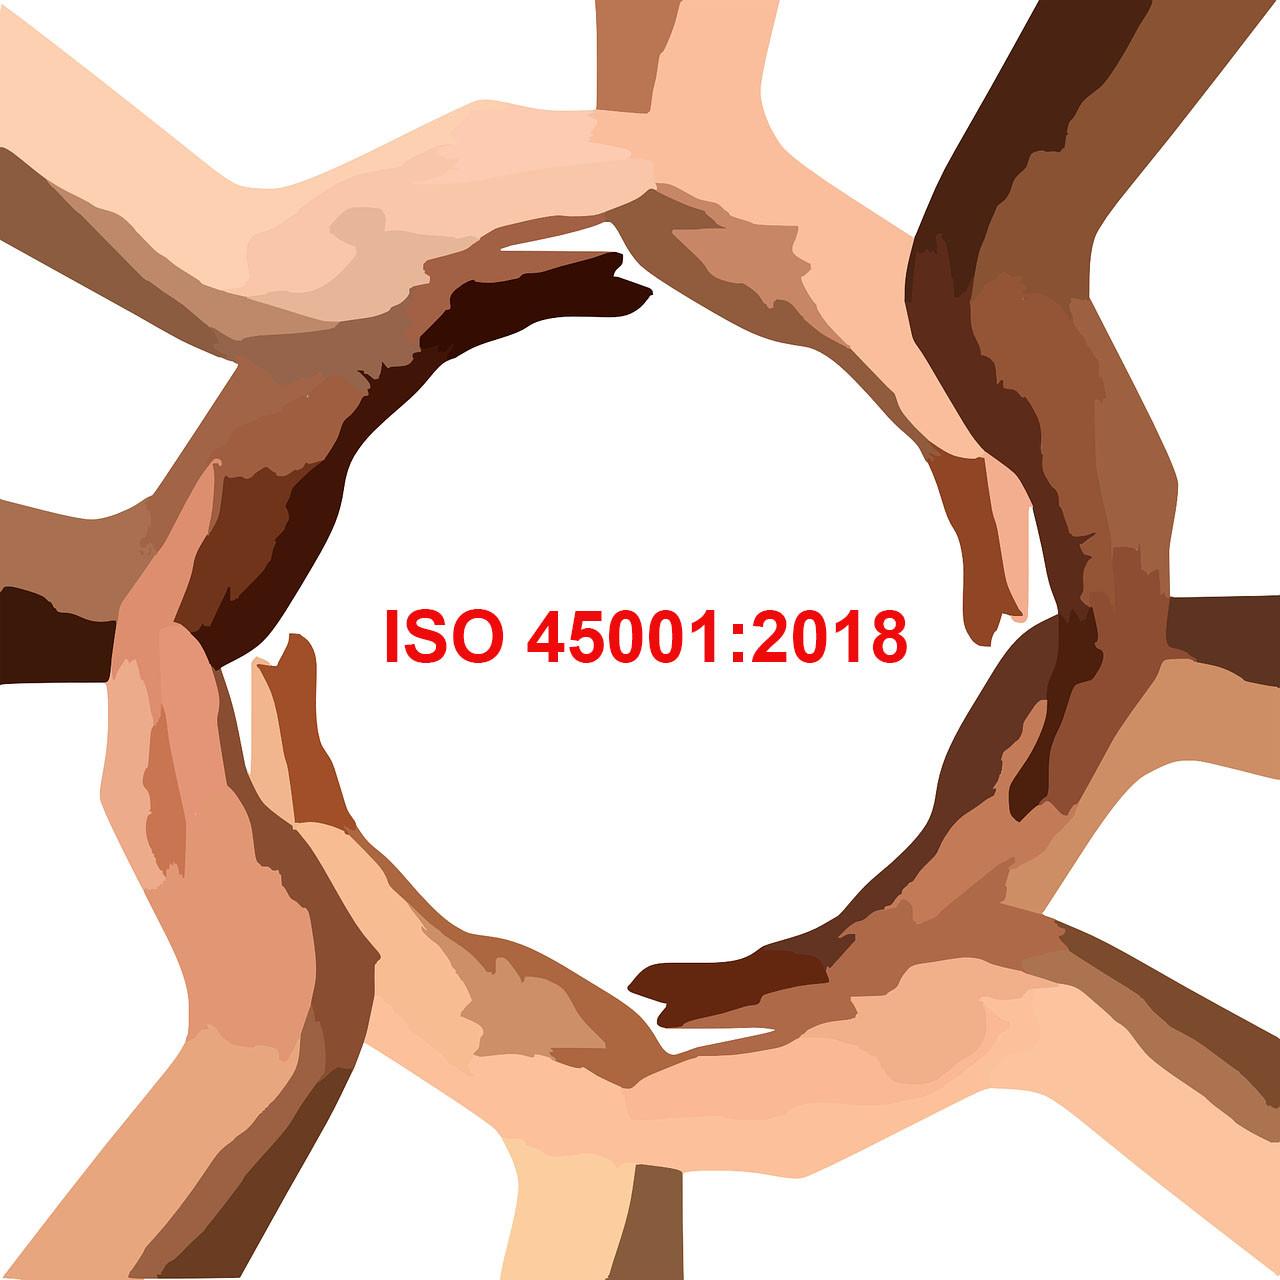 Разработка и внедрение системы менеджмента профессиональной безопасности и здоровья ISO 45001